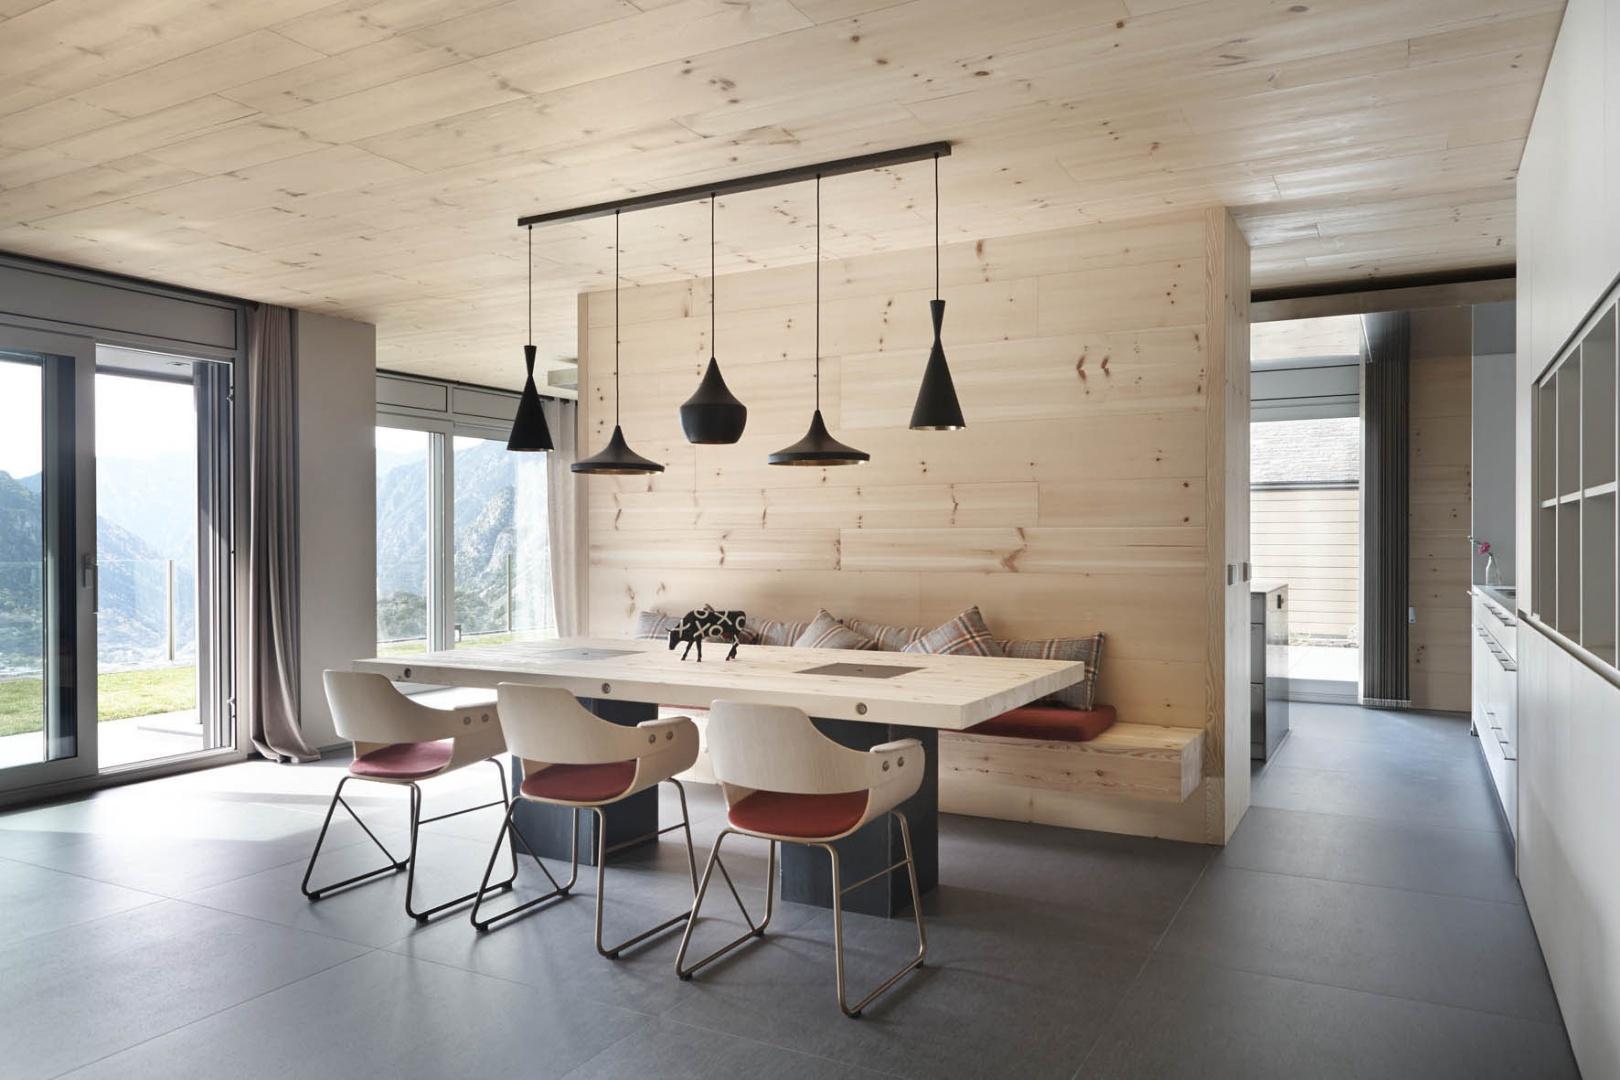 Element działowy pomiędzy kuchnią a jadalnią, od strony tej drugiej pełni rolę siedziska przy stole. Projekt: Coblonal Arquitectura. Fot. Sara Riera.